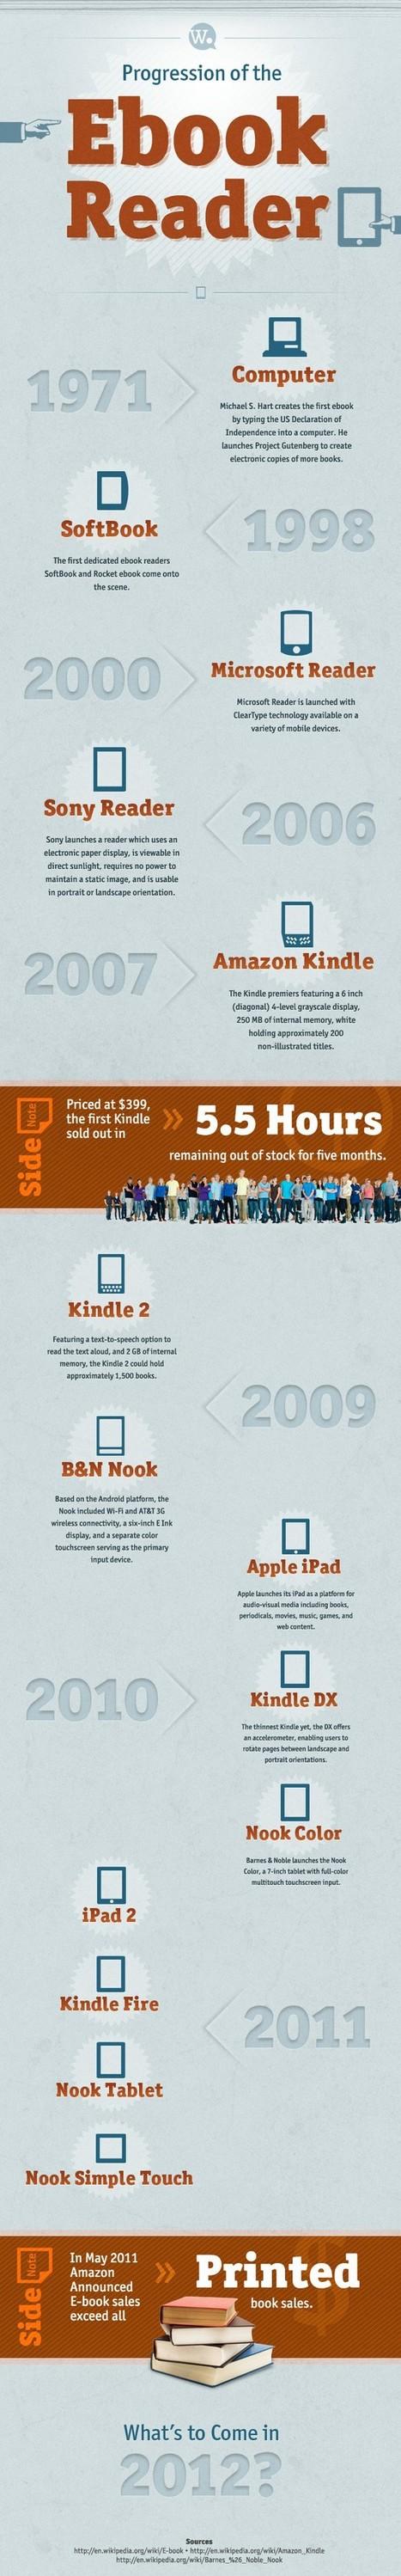 Η ιστορία των ηλεκτρονικών αναγνωστών - και των tablet PC (infographic) | iEduc | Scoop.it